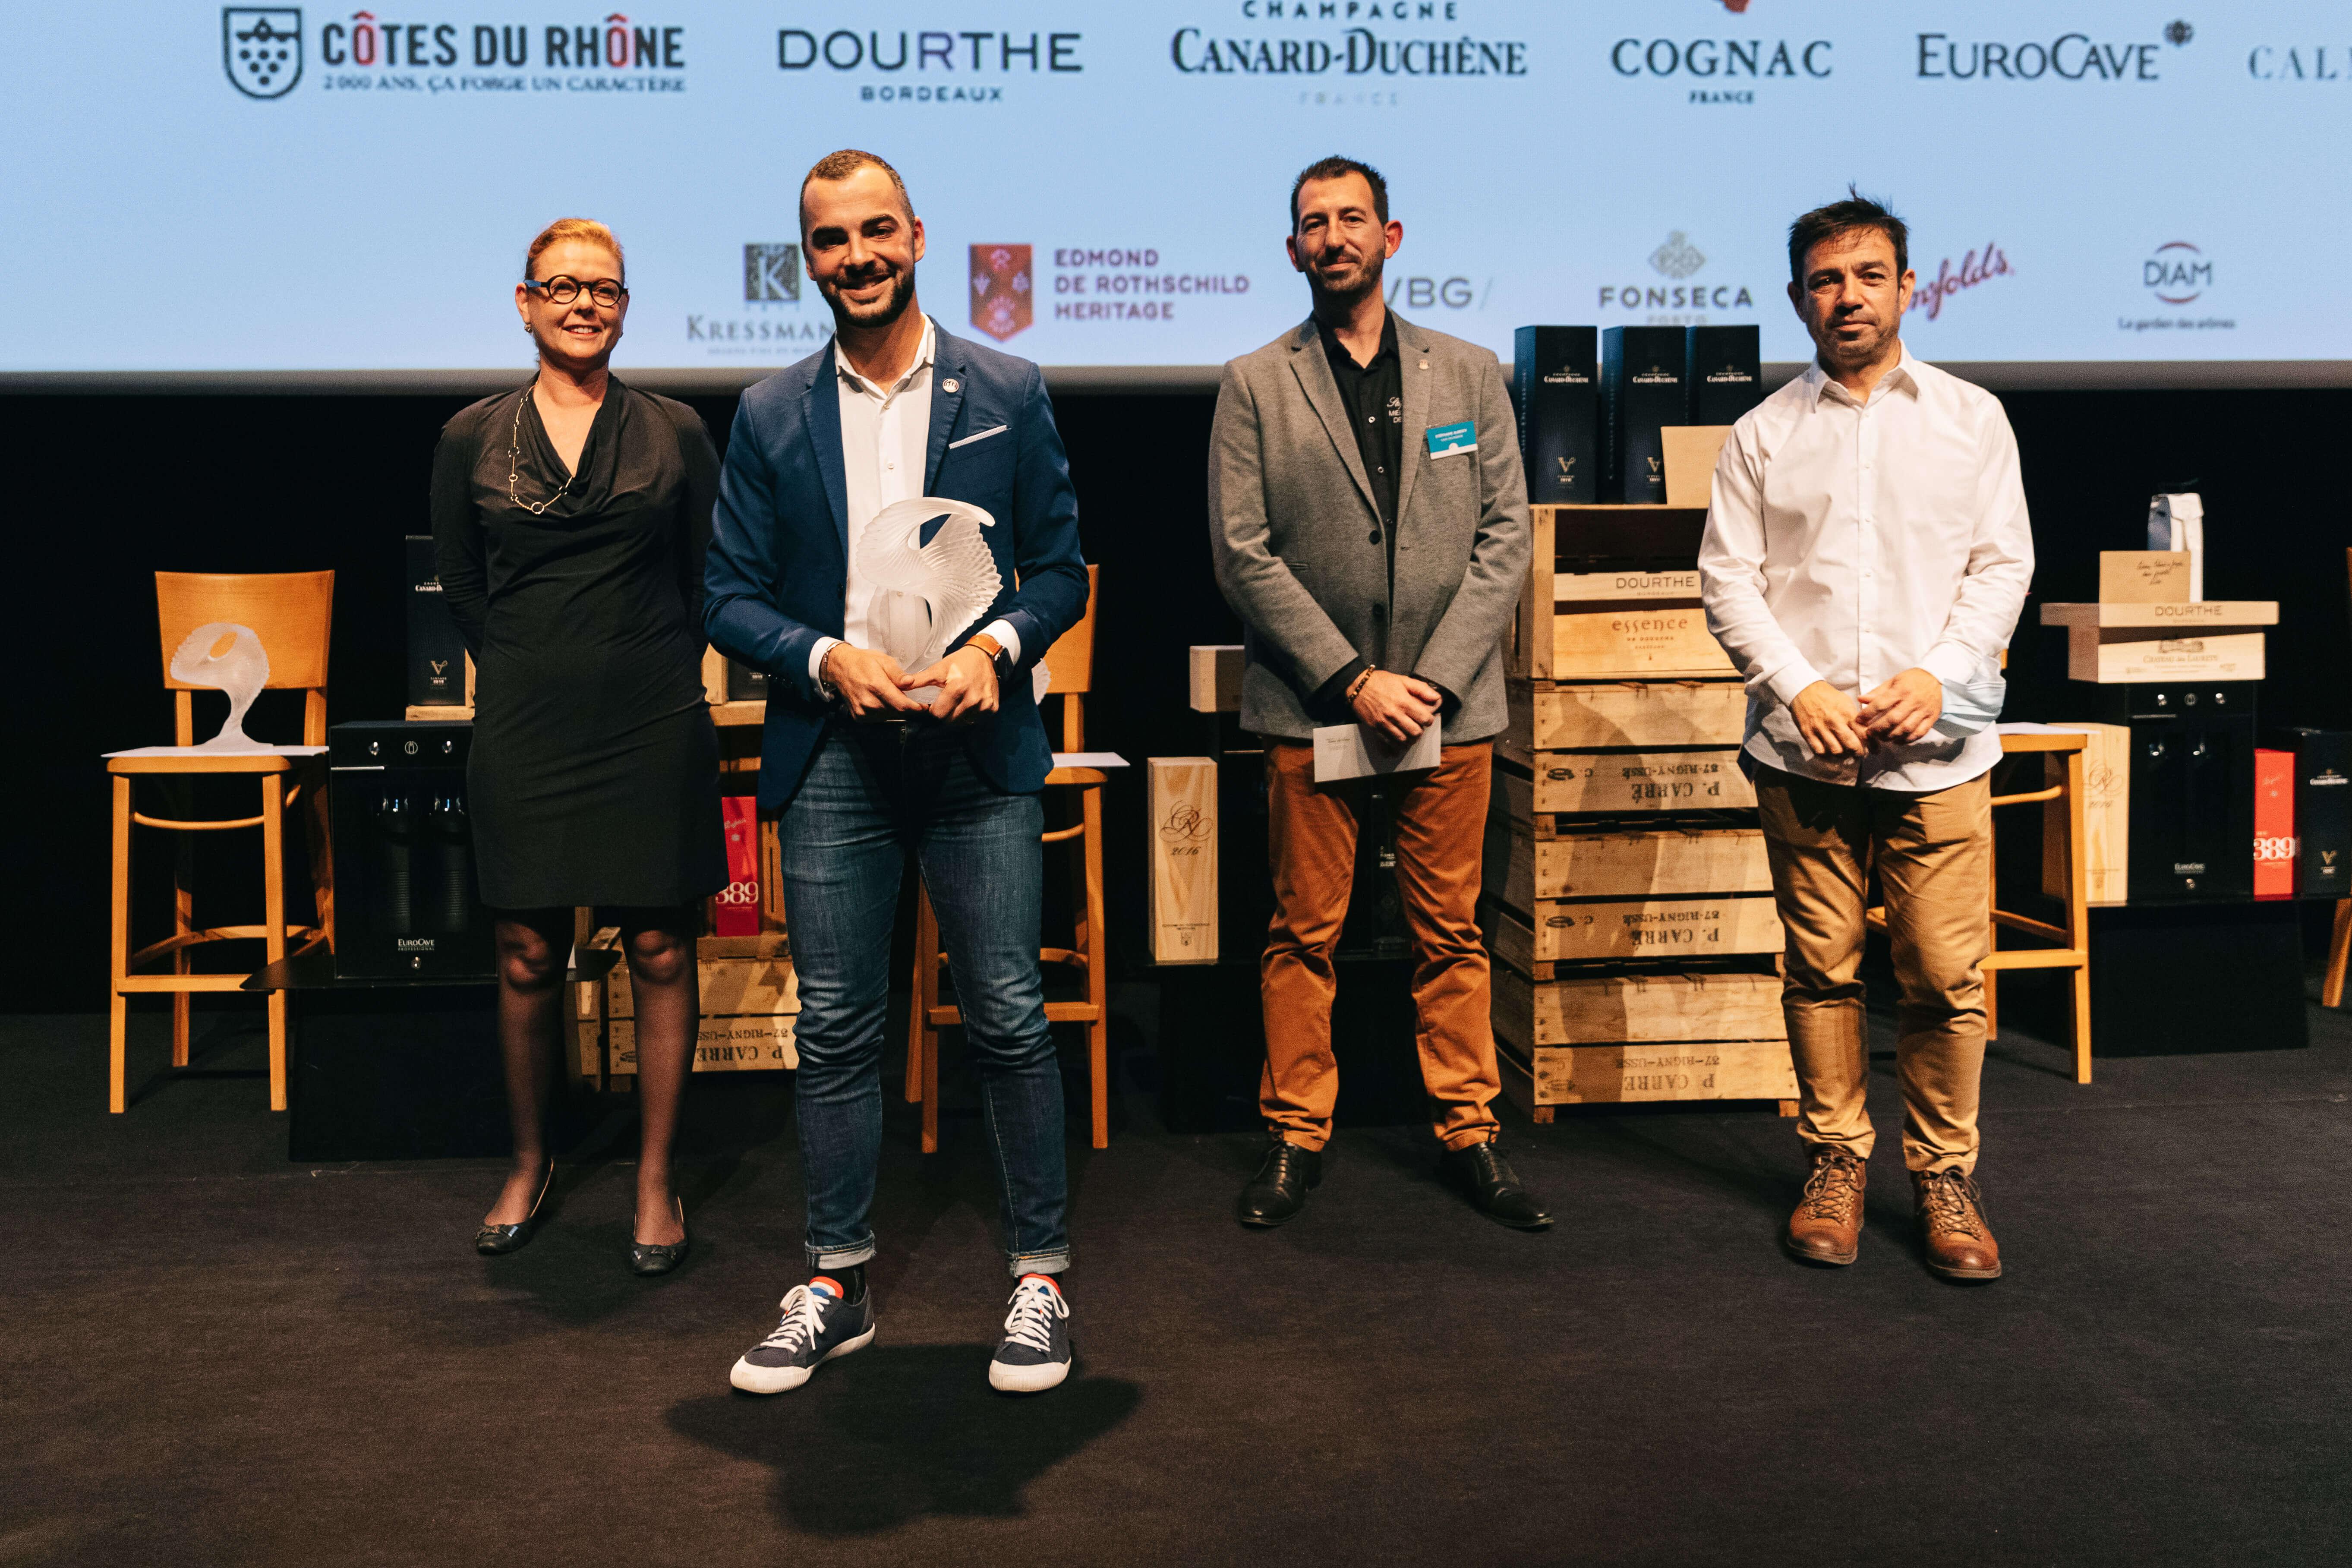 Remise prix Meilleur jeune caviste de France à A. ZAOUK par les partenaires Calmels & Joseph (H van den Akker & J Camps) avec S ALBERTI (MCF 2014) crédit : Solène Guillaud